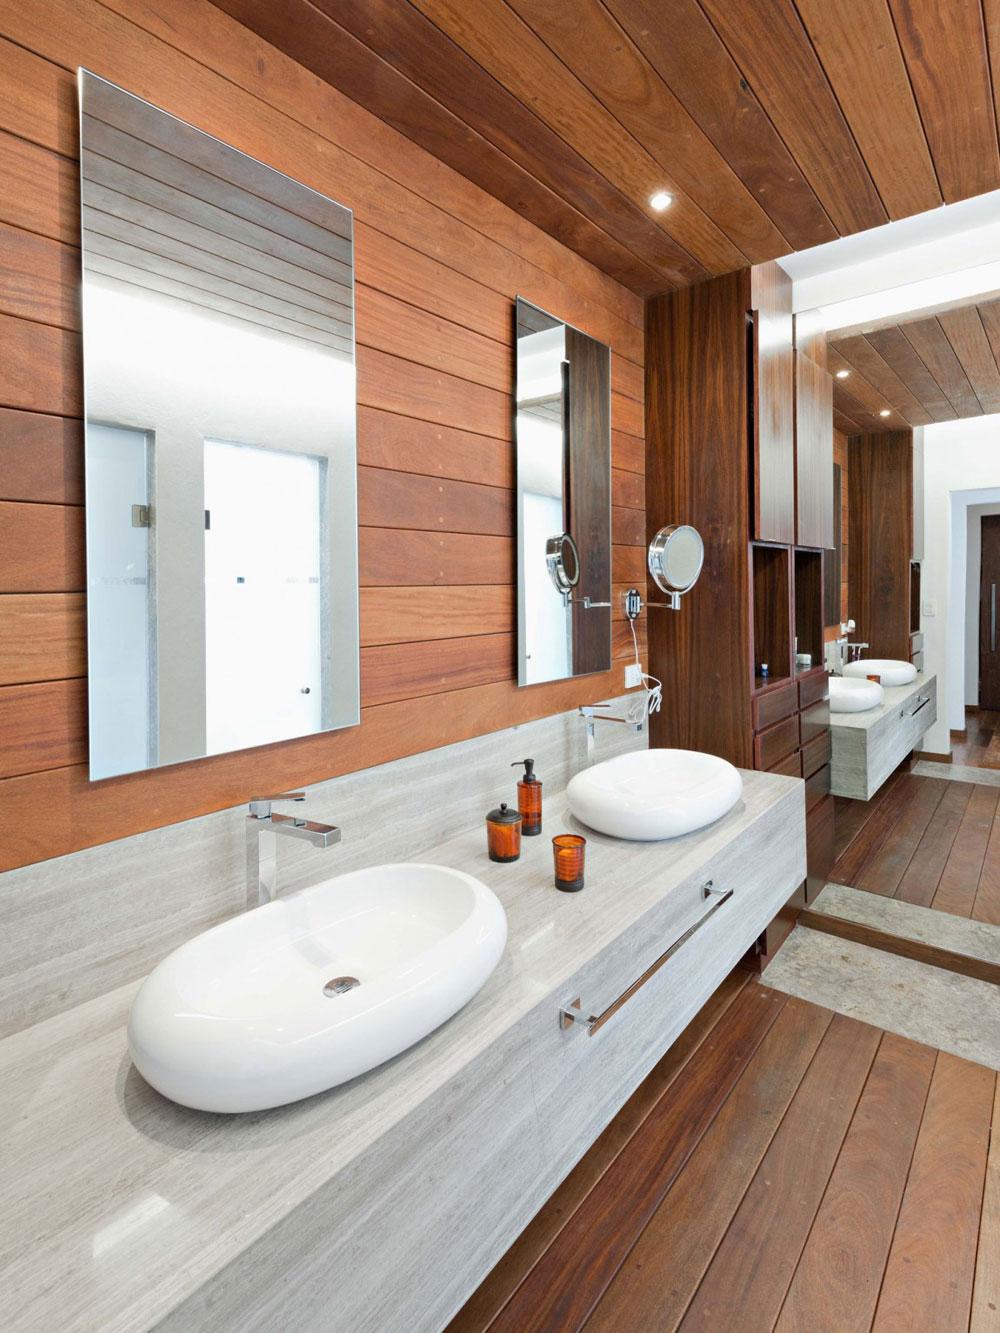 Samtida inredningsstilar att välja mellan för ditt hem-7 Moderna inredningsstilar att välja mellan för ditt hem